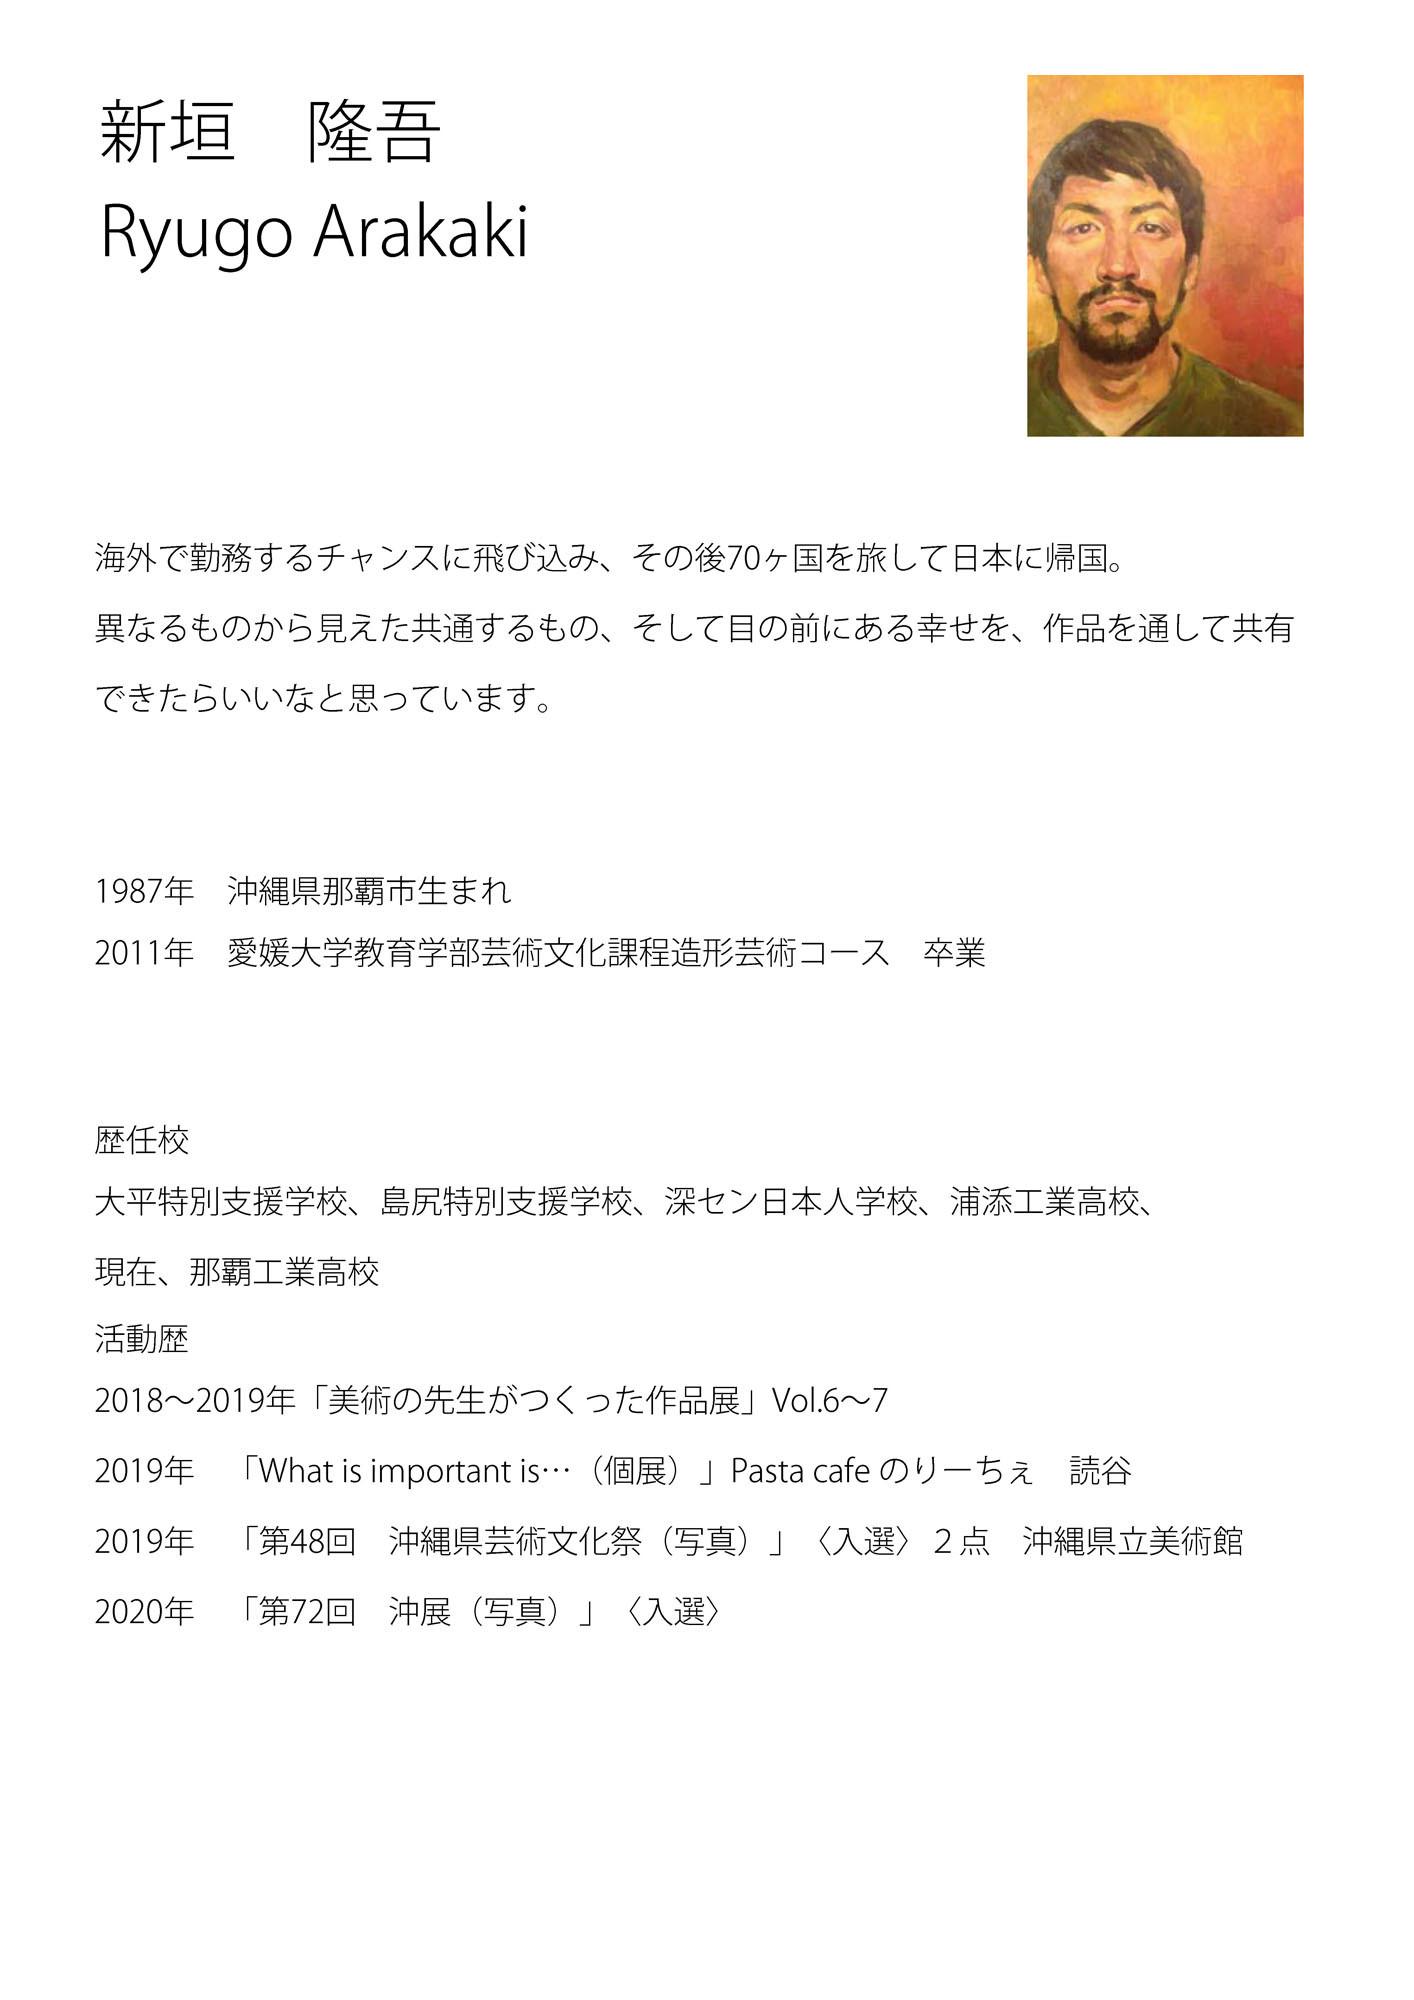 新垣隆吾プロフィール